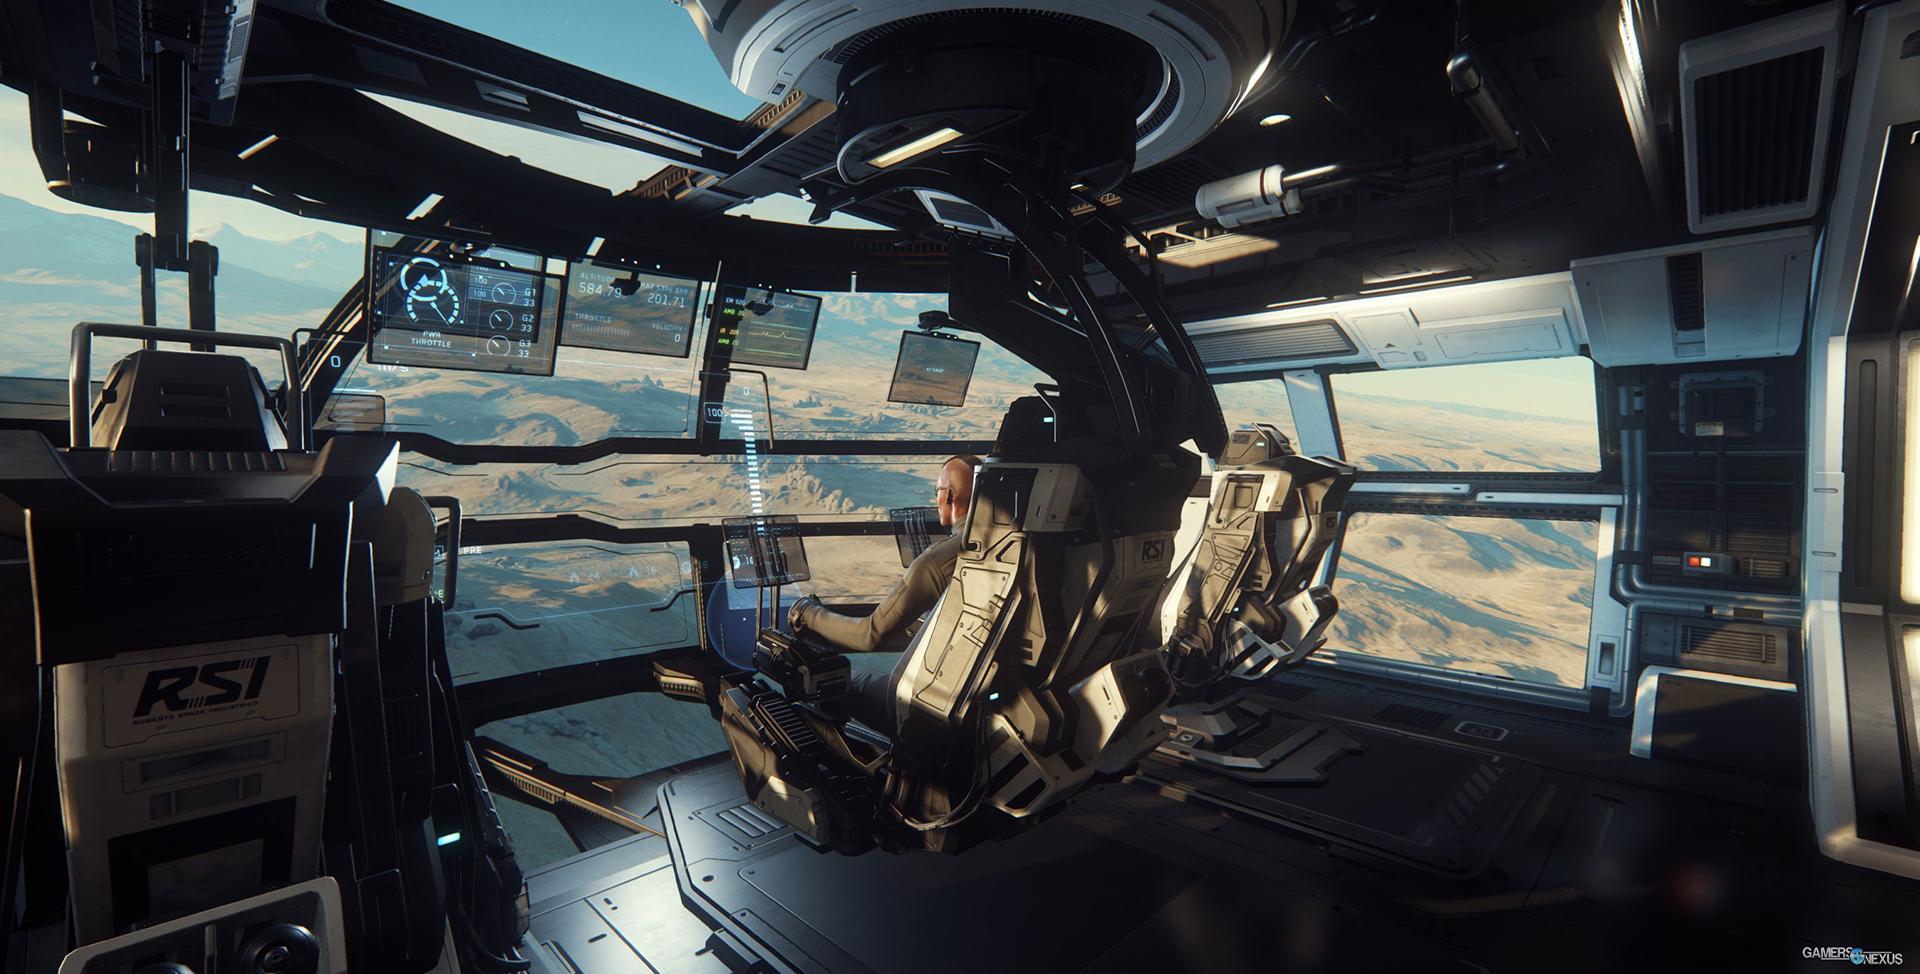 L'intérieur d'un cockpit